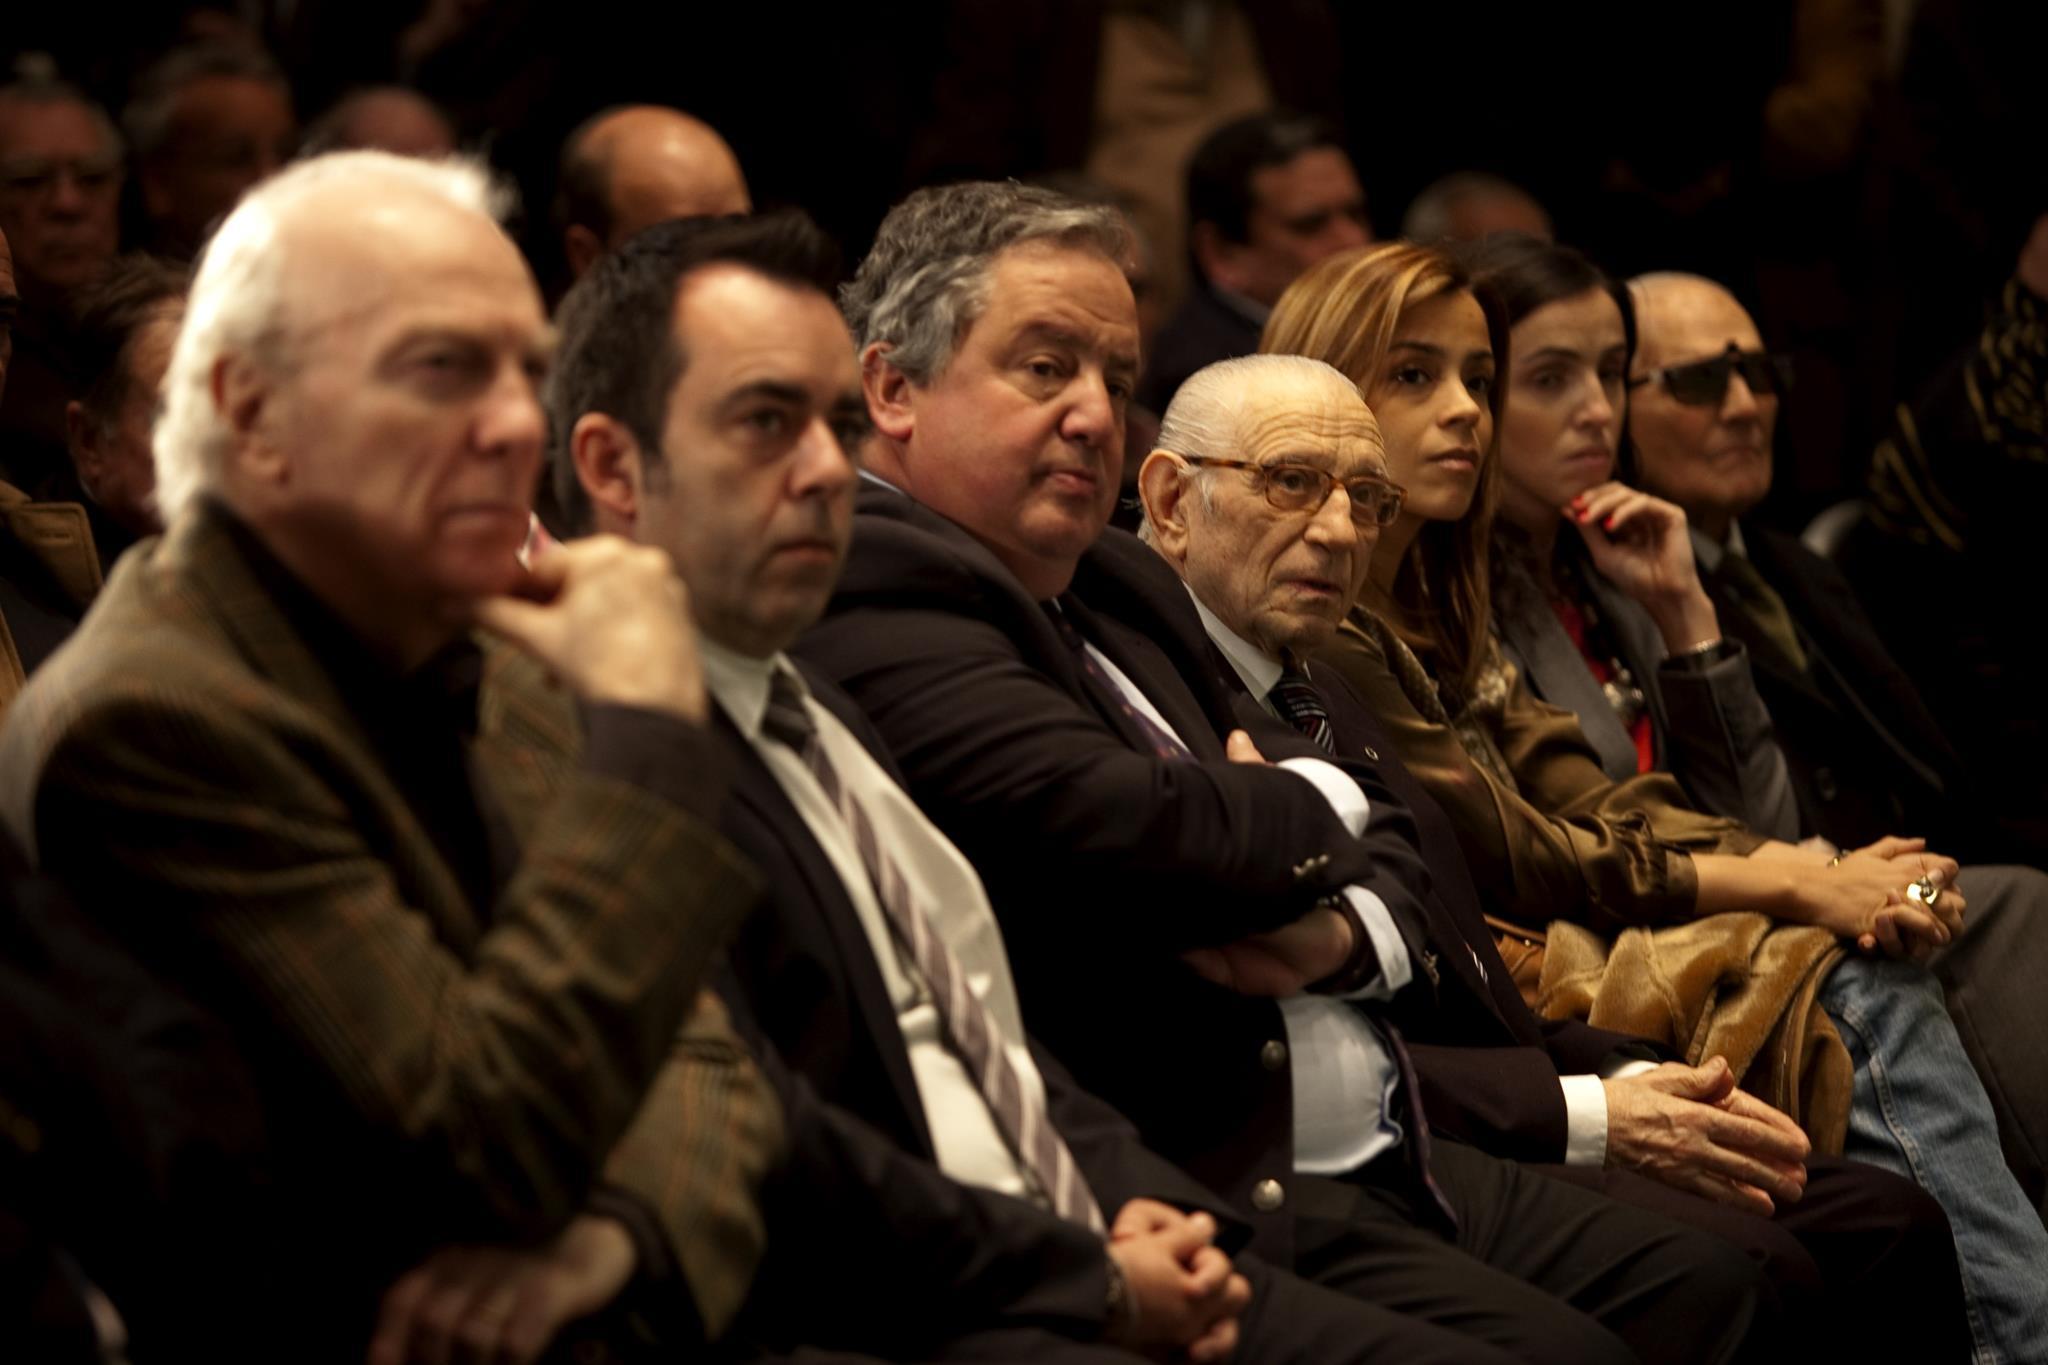 PÚBLICO - João Braga acusado de racismo e homofobia por comentário aos Óscares